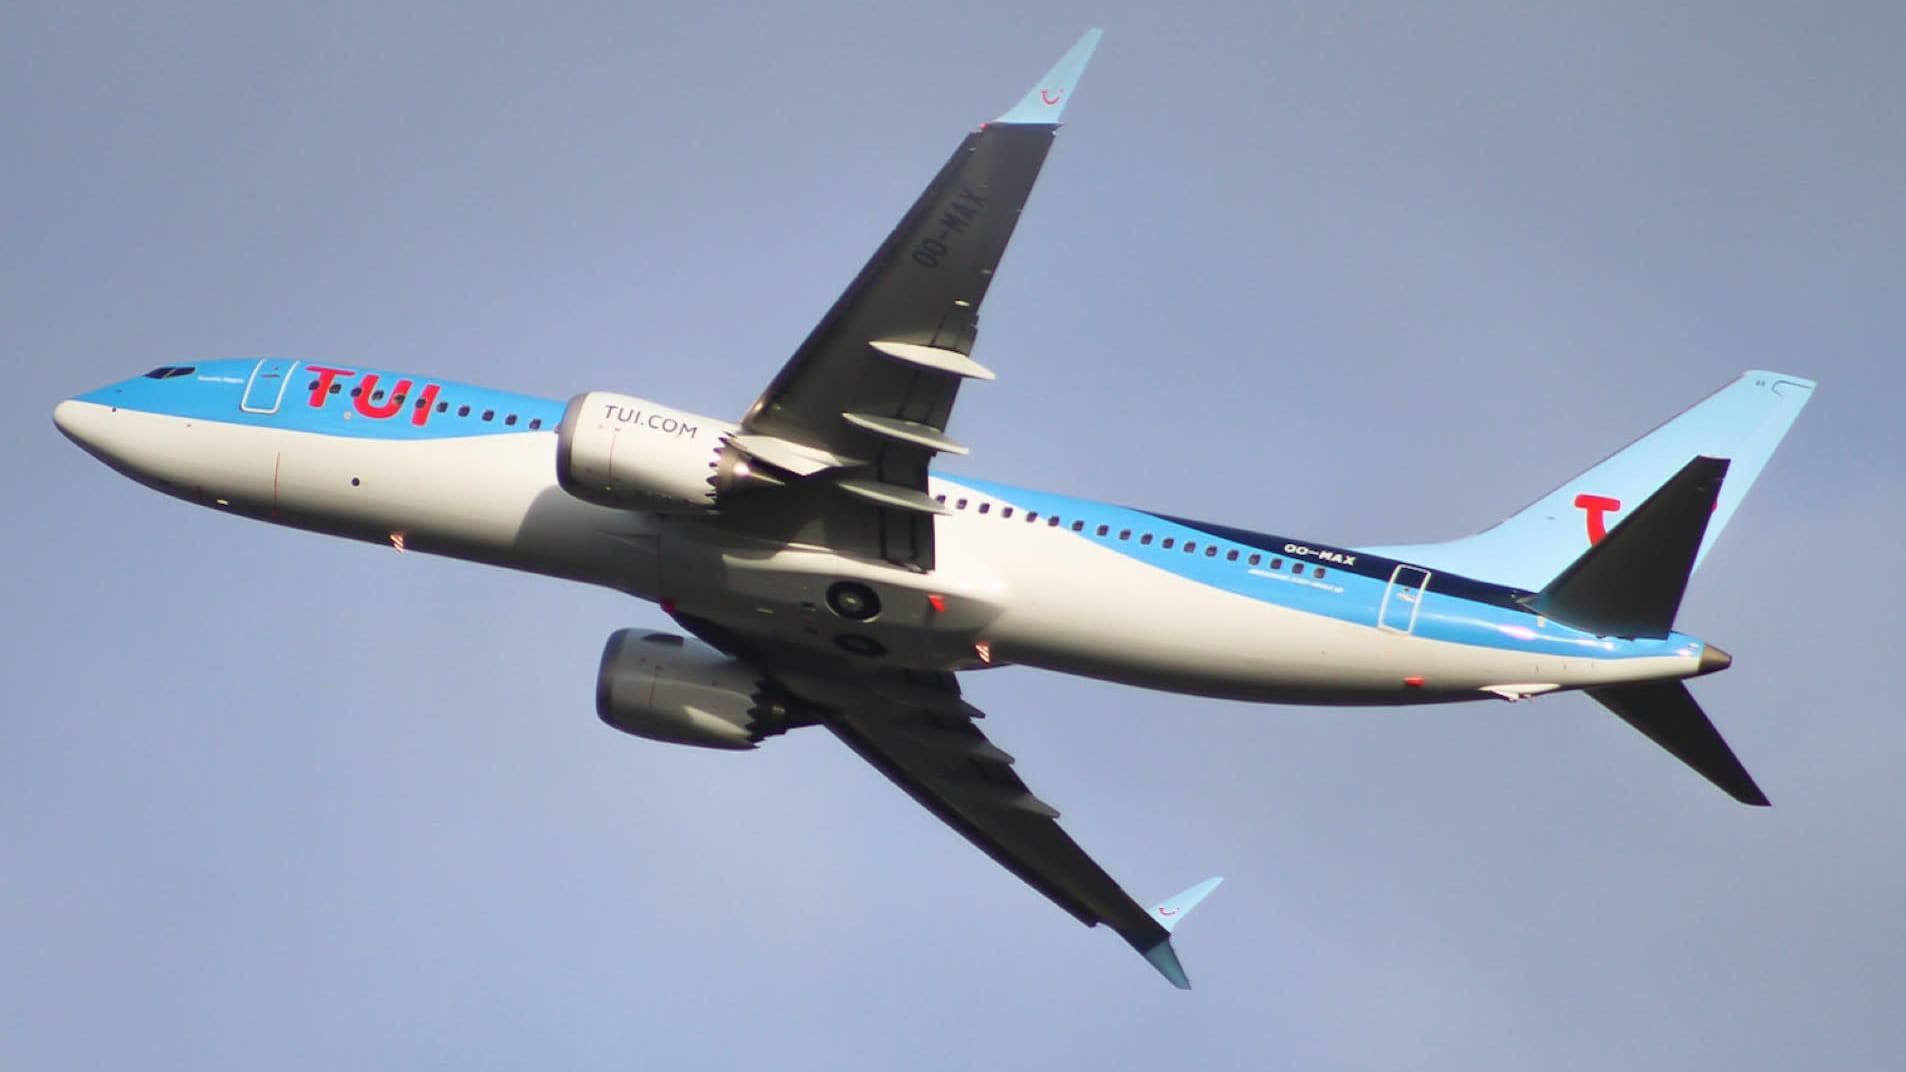 TUI flyn Boeing 737 MAX nousee ilmaan Brysselin lentokentältä